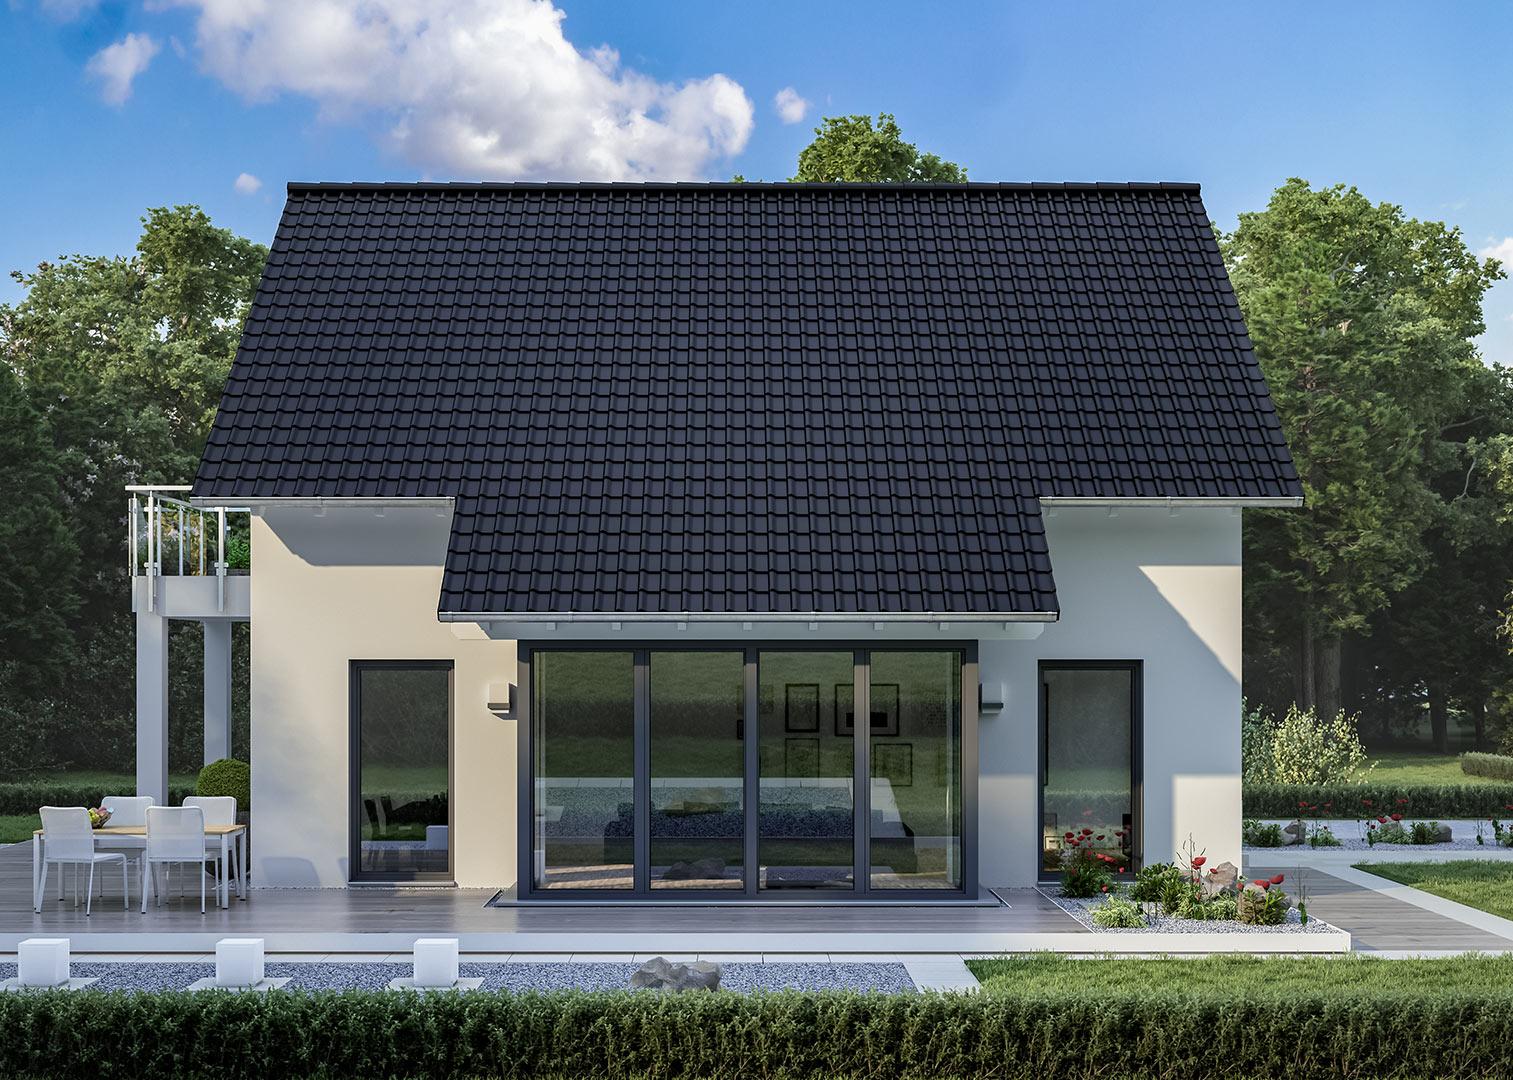 massa-einfamilienhaus-lifestyle-14-04-s-bild-3